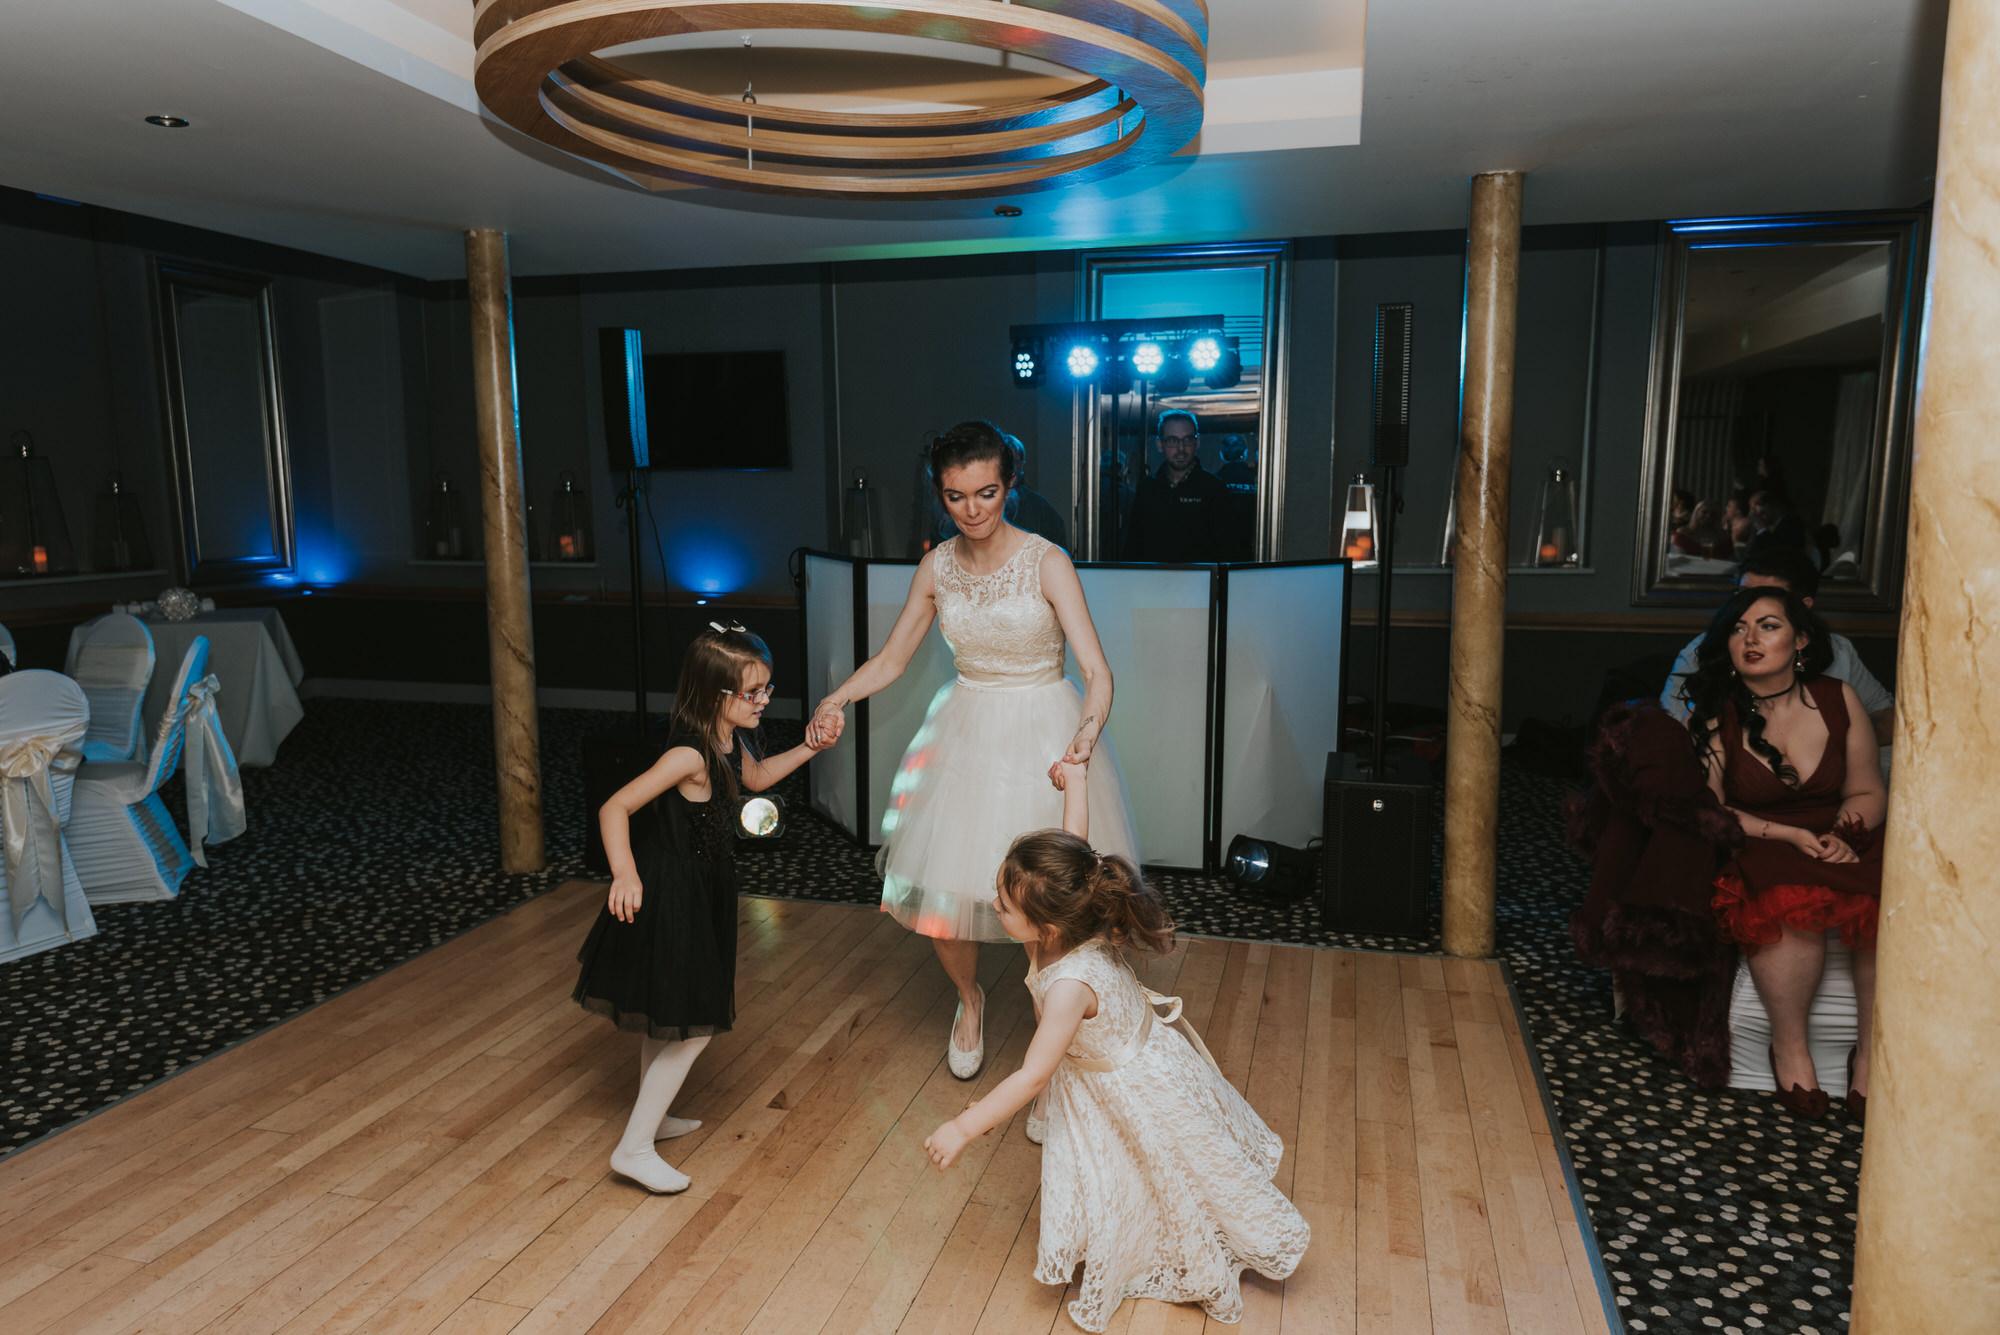 wedding photographer belfast ten square hotel dancing kids